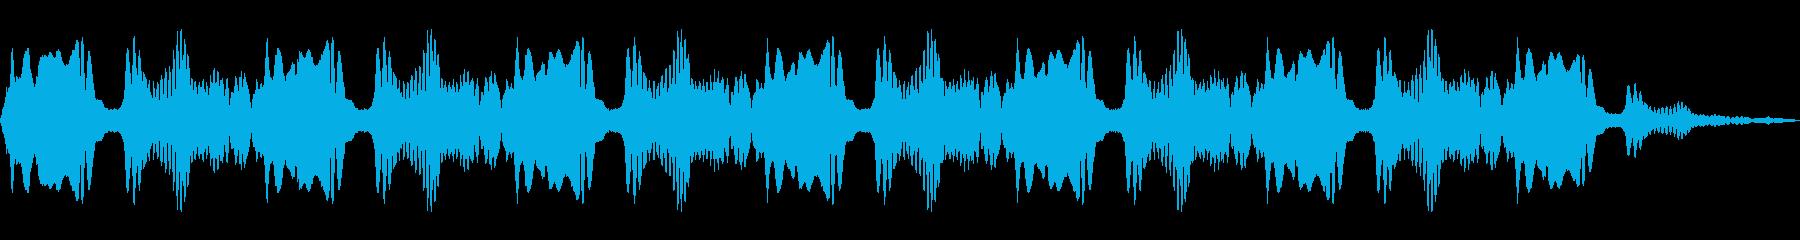 サイレン警察ダブルの再生済みの波形